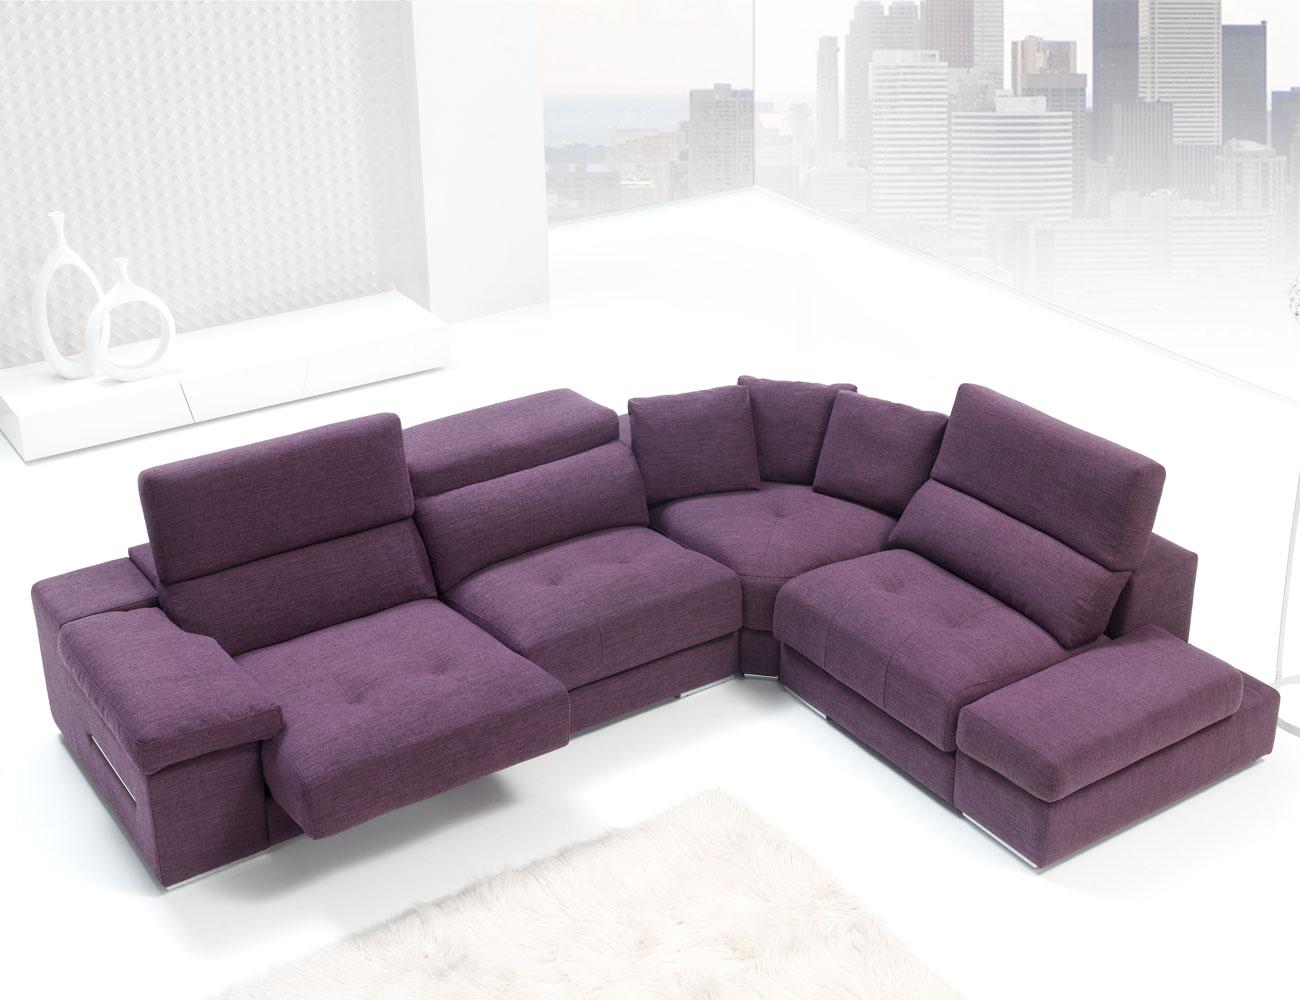 Sofa chaiselongue rincon con brazo mecanico tejido anti manchas 236